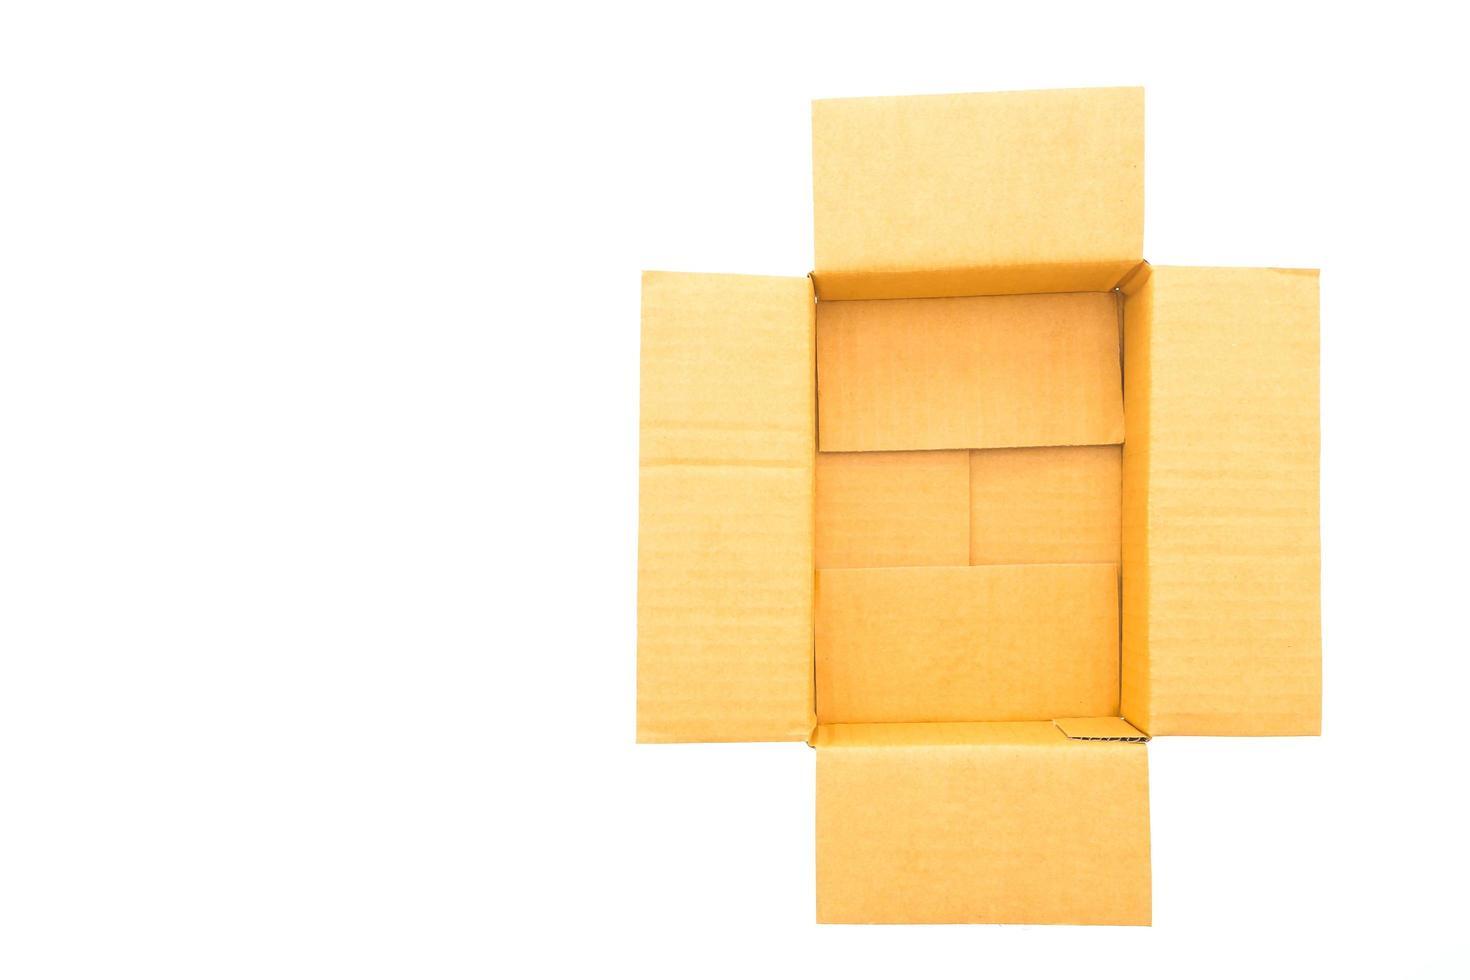 papieren doos geïsoleerd foto